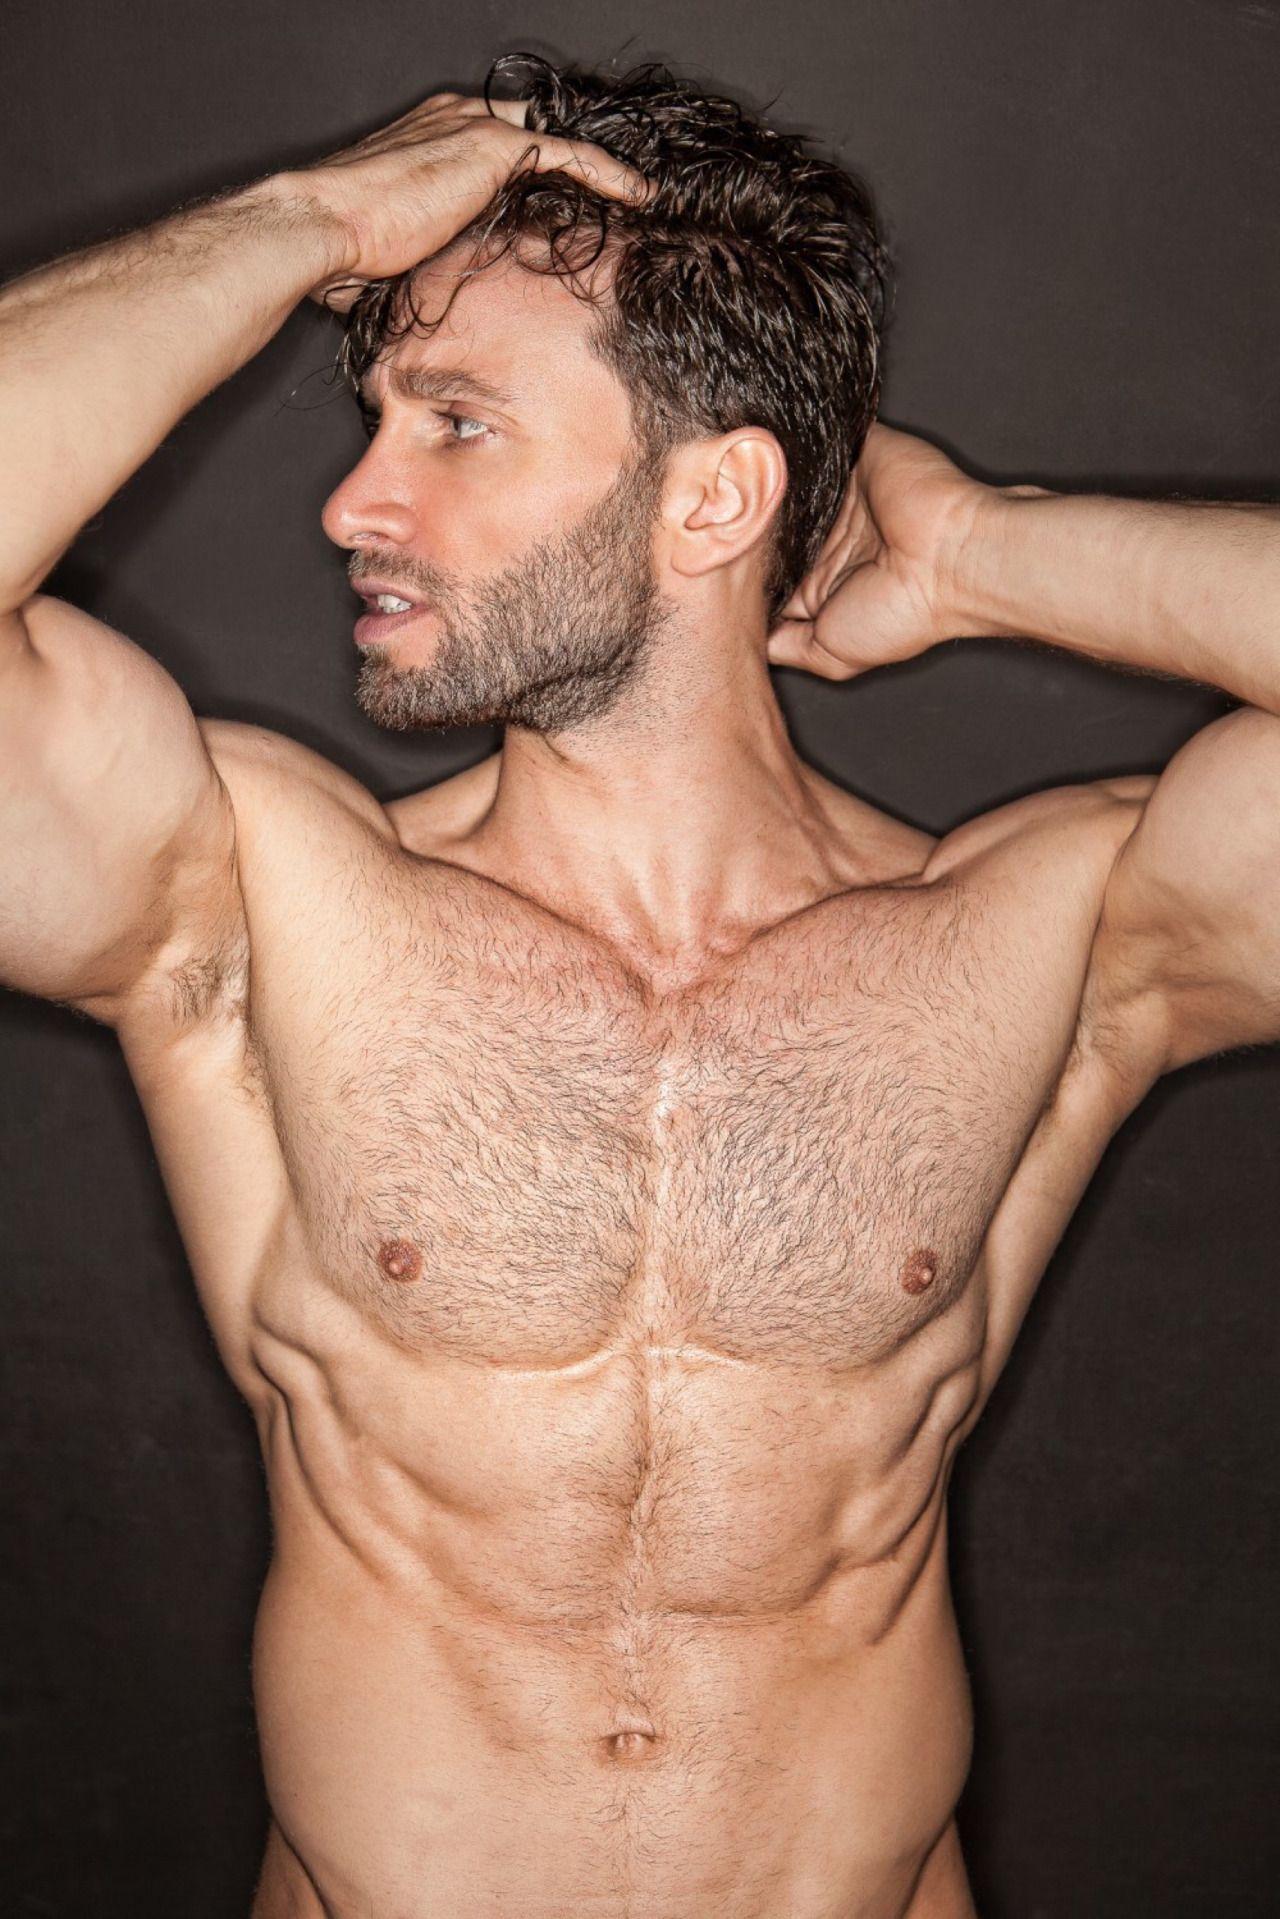 Pajas Porno Xxx xclusive gay porno sexo tema gay pajas gay super sexy model